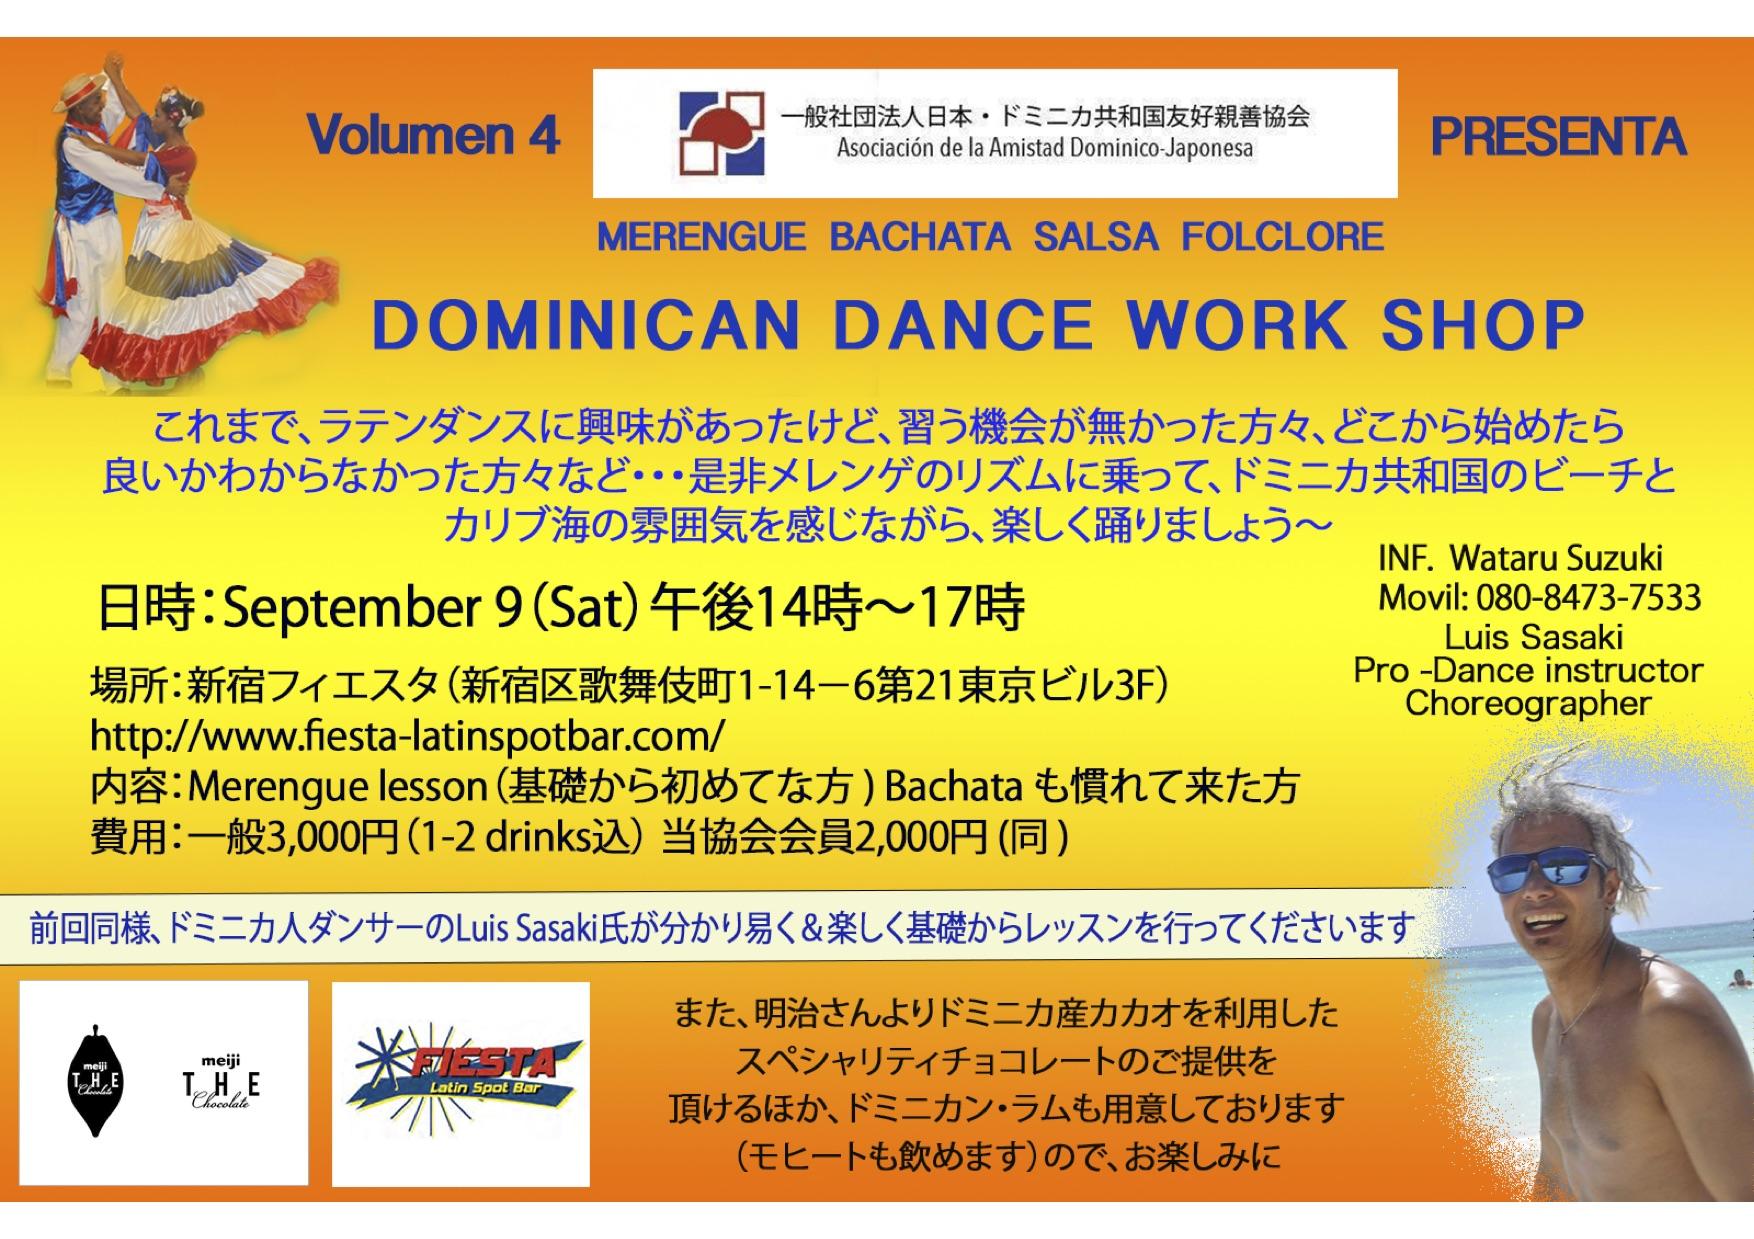 第四回ドミニカンダンス・ワークショップの開催(4to Taller de Baile Dominicano)